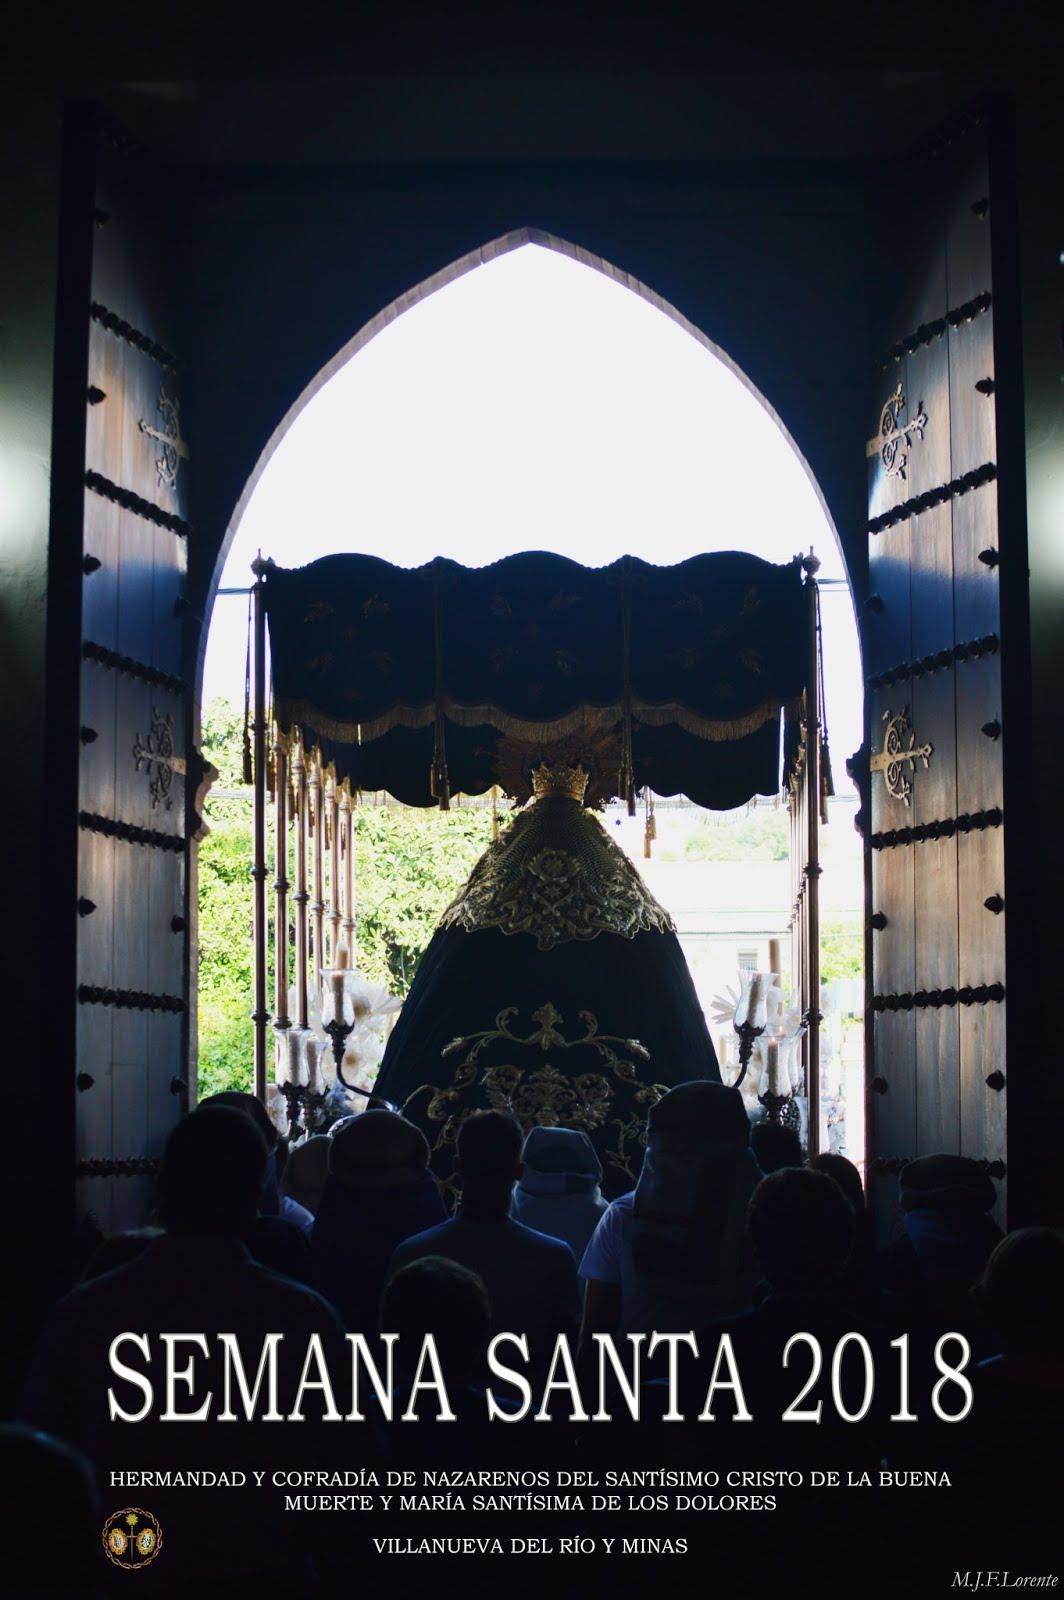 SEMANA SANTA 2018 EN VILLANUEVA DEL RÍO Y MINAS